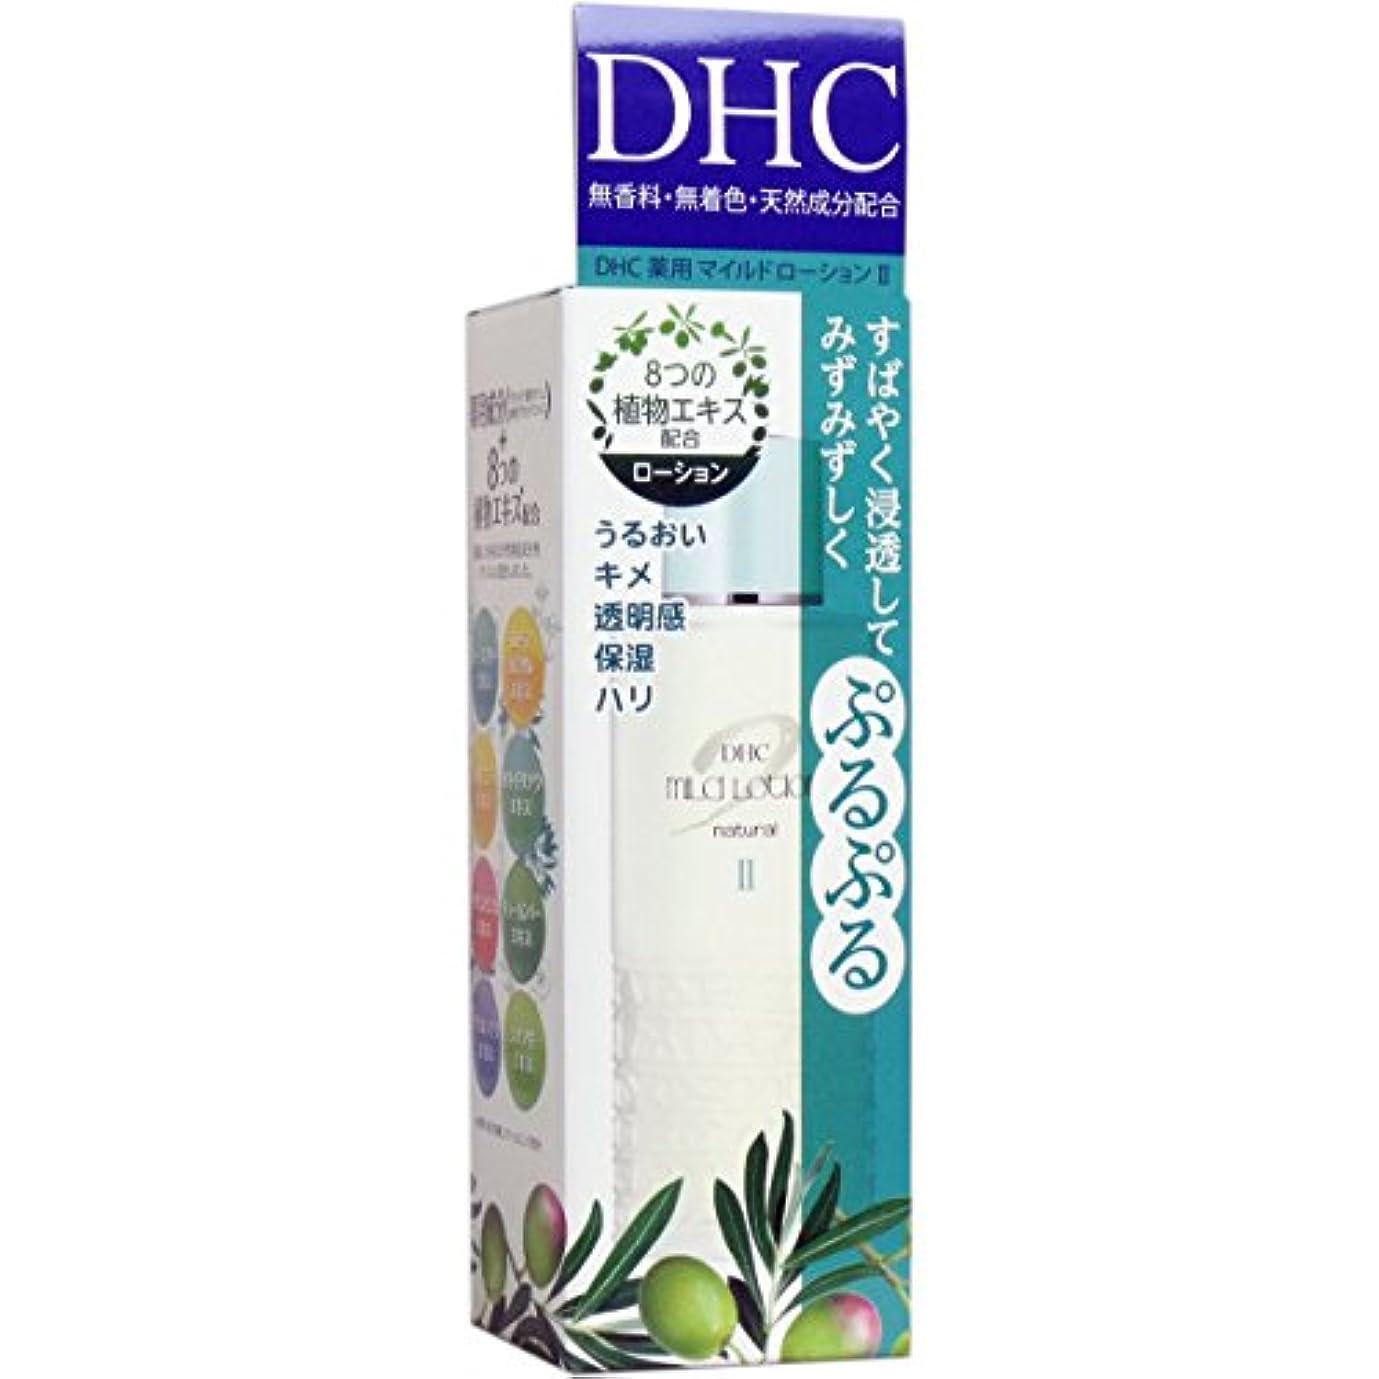 思想部門熱心なDHC?薬用マイルドローションII 40ml (化粧水) [並行輸入品]